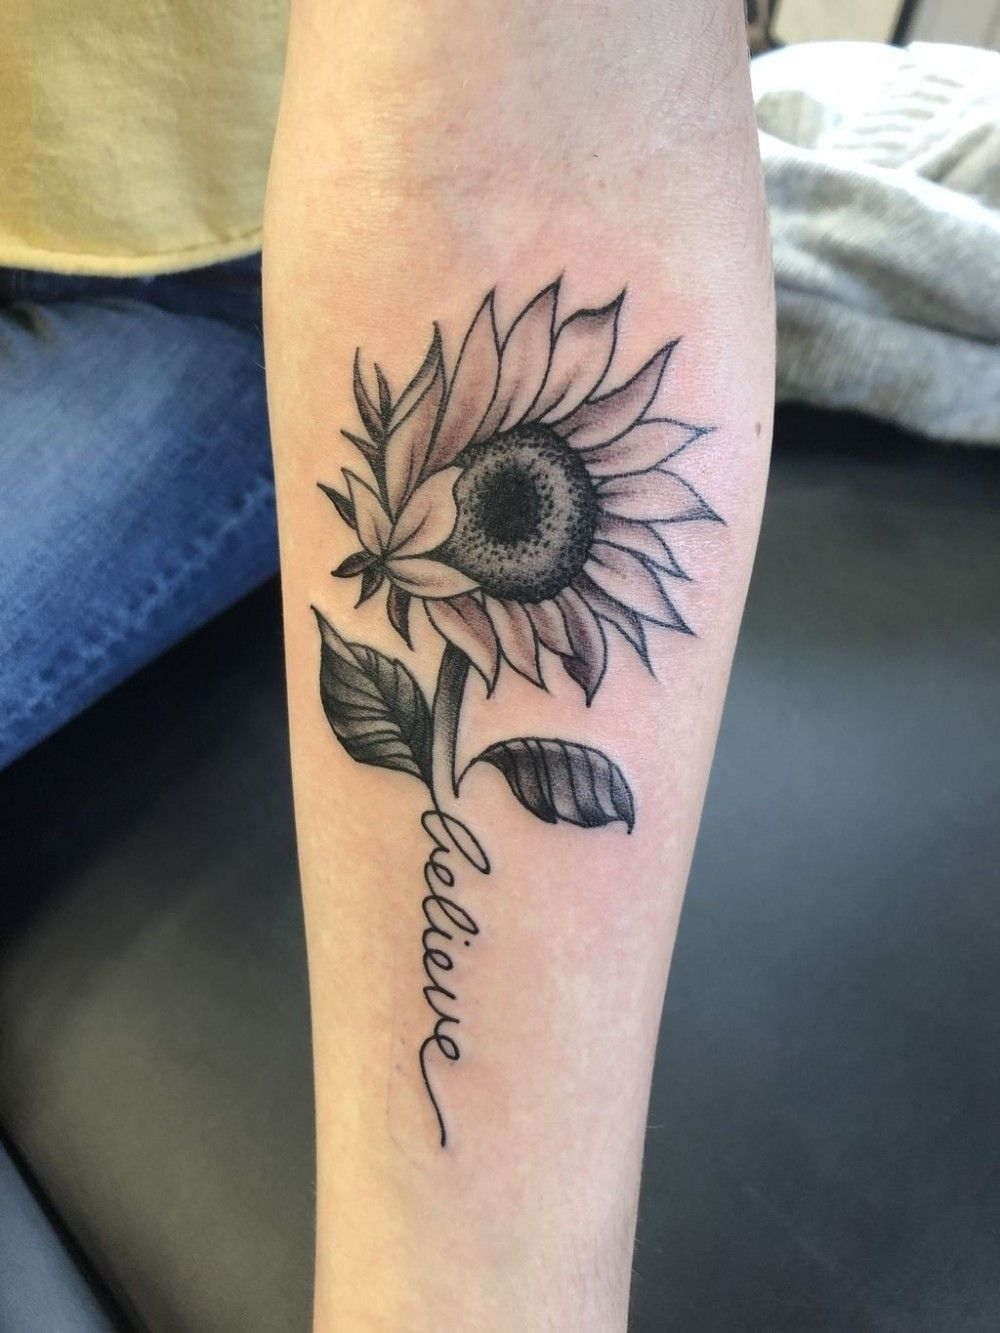 Mas De 20 Ideas Elegantes De Tatuajes De Girasol Que Lo Inspiraran A Obtener Tinta Tatuajes De Creer Tatuajes Girasoles Tatuaje De Girasol